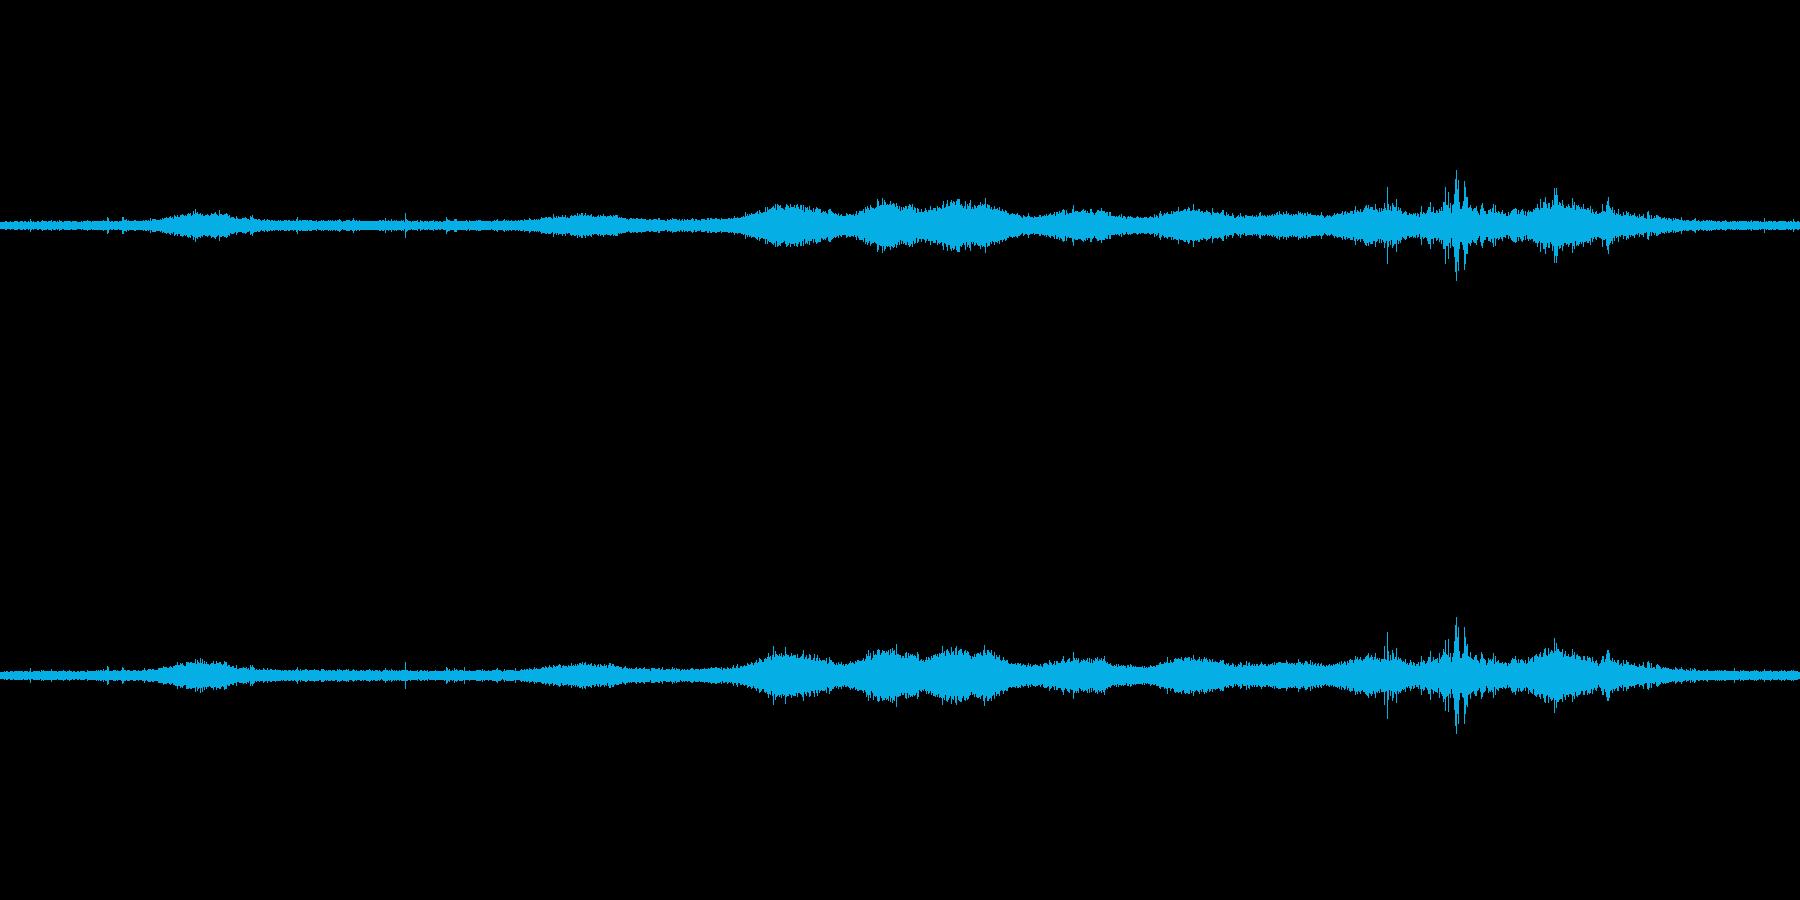 【生音】雷雨14 - 雨と雷と通行音の再生済みの波形